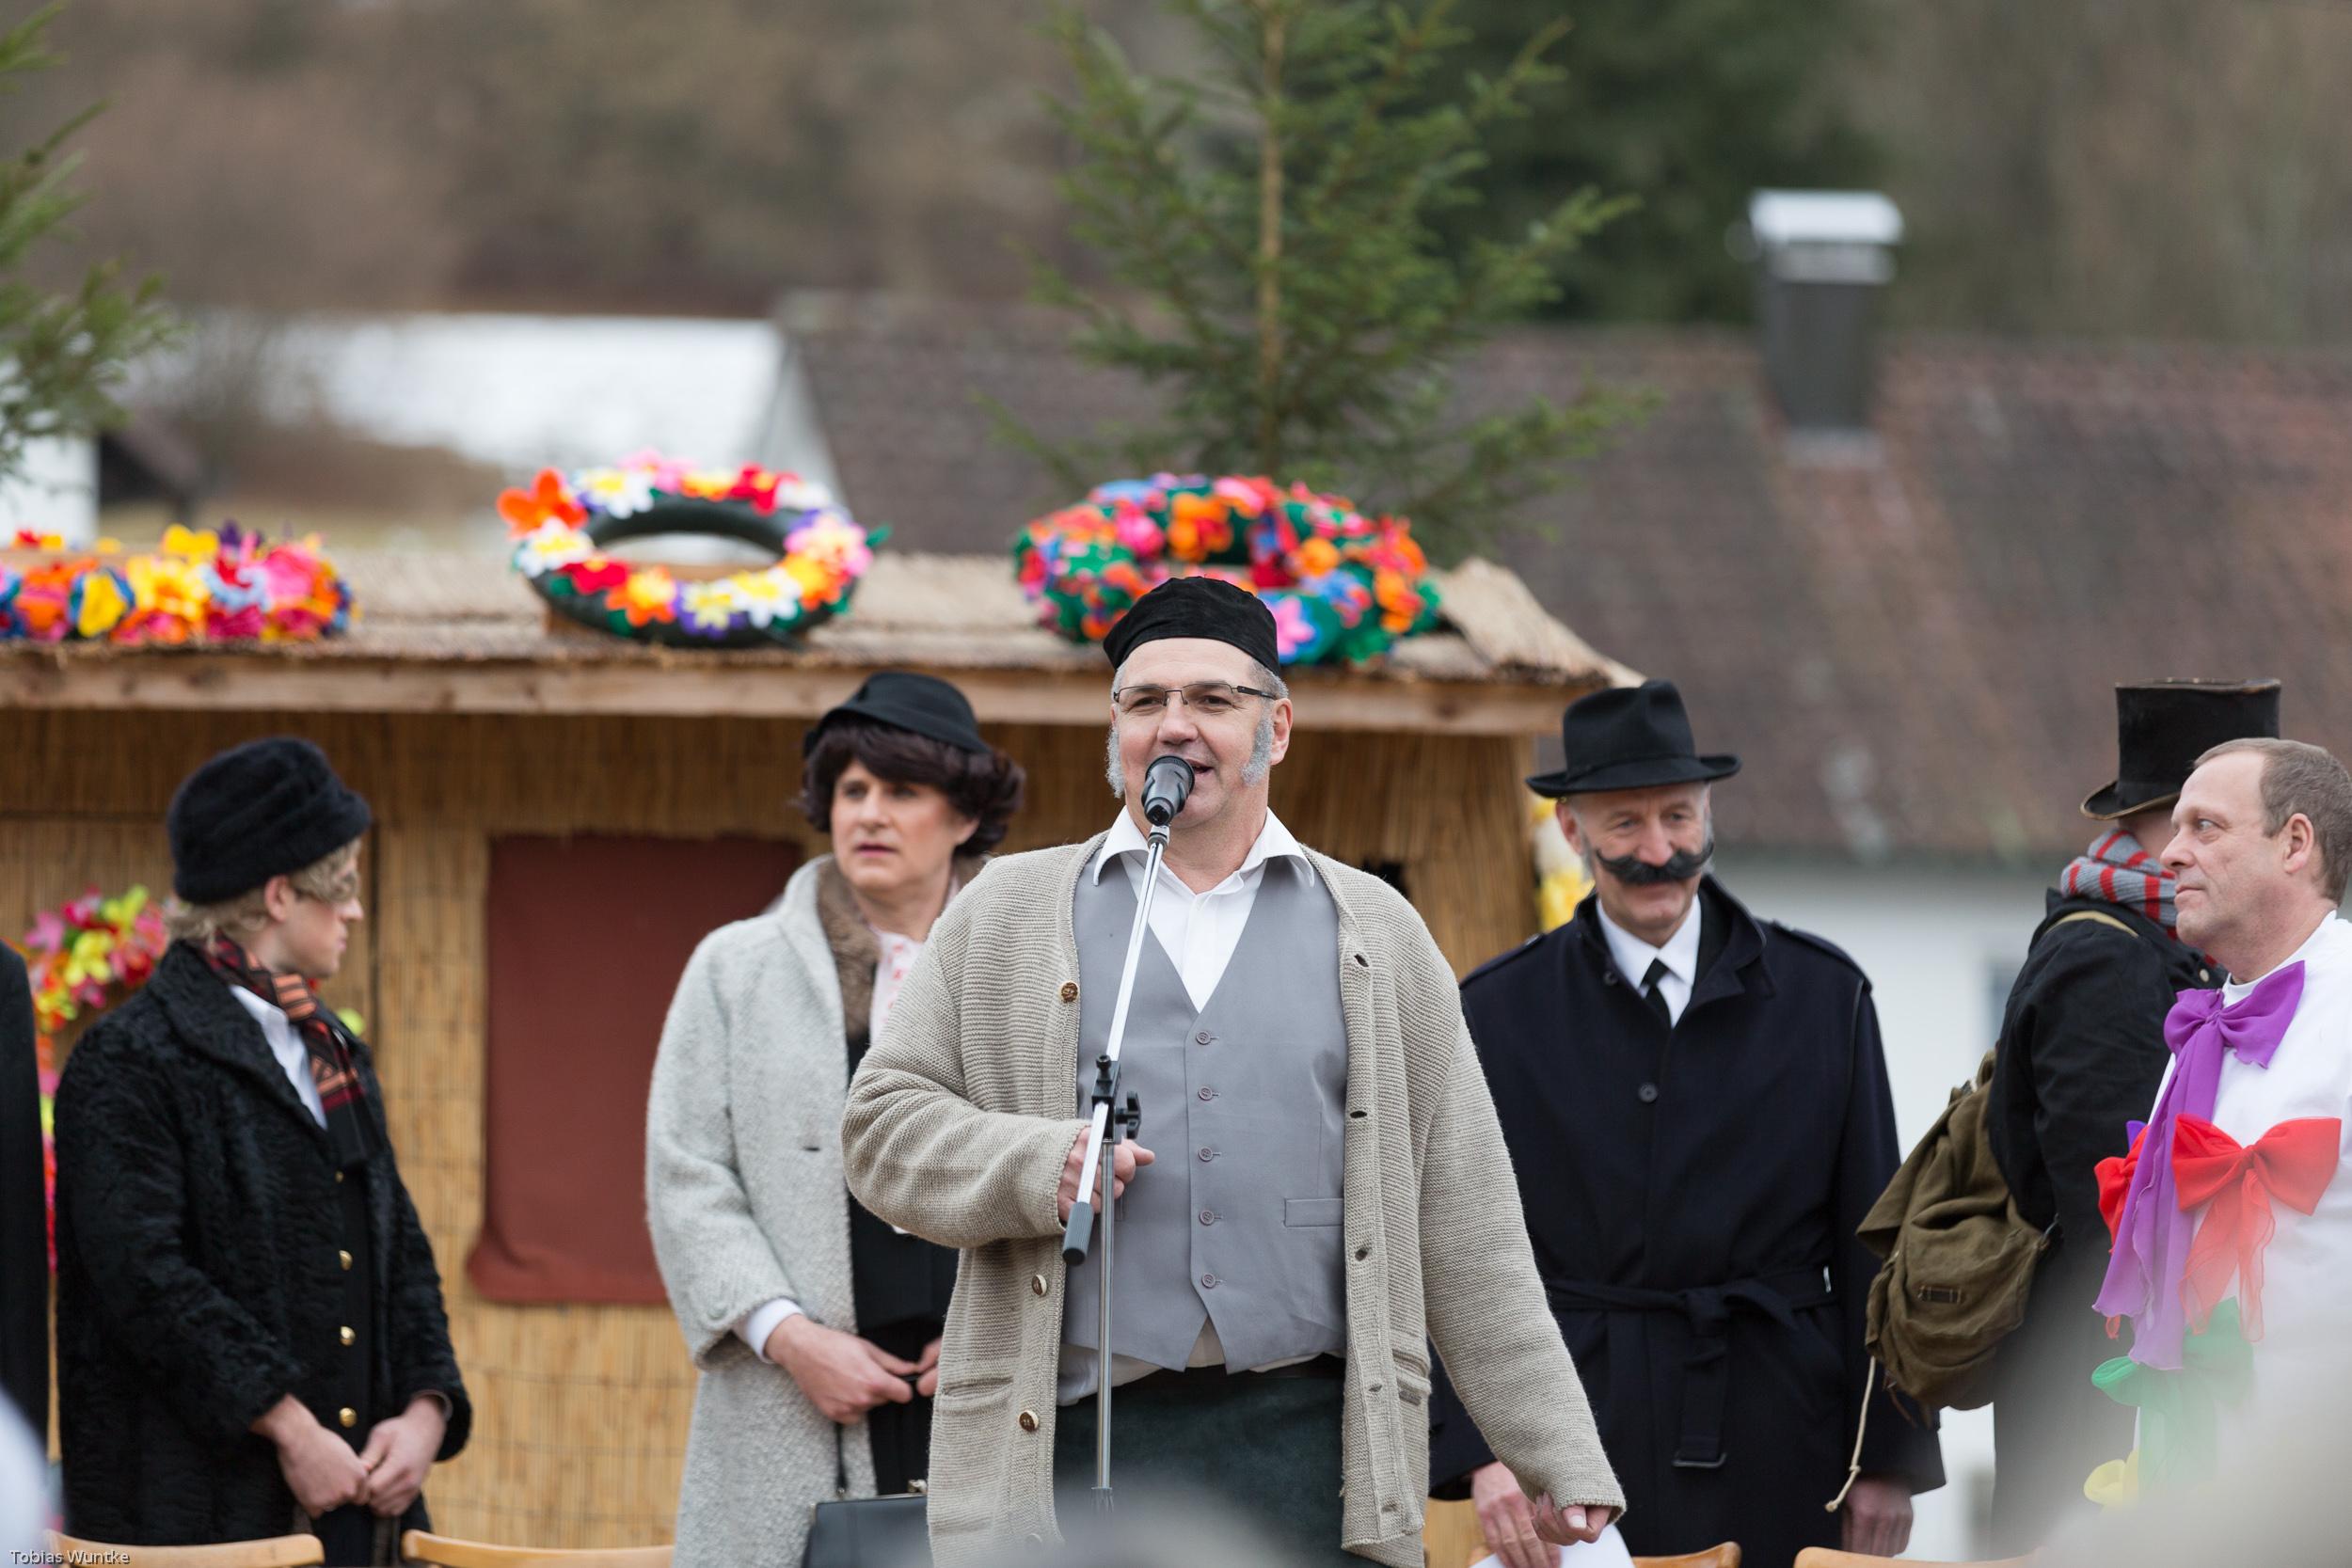 Eröffnungsrede zum Burladinger Fasnetsspiel.